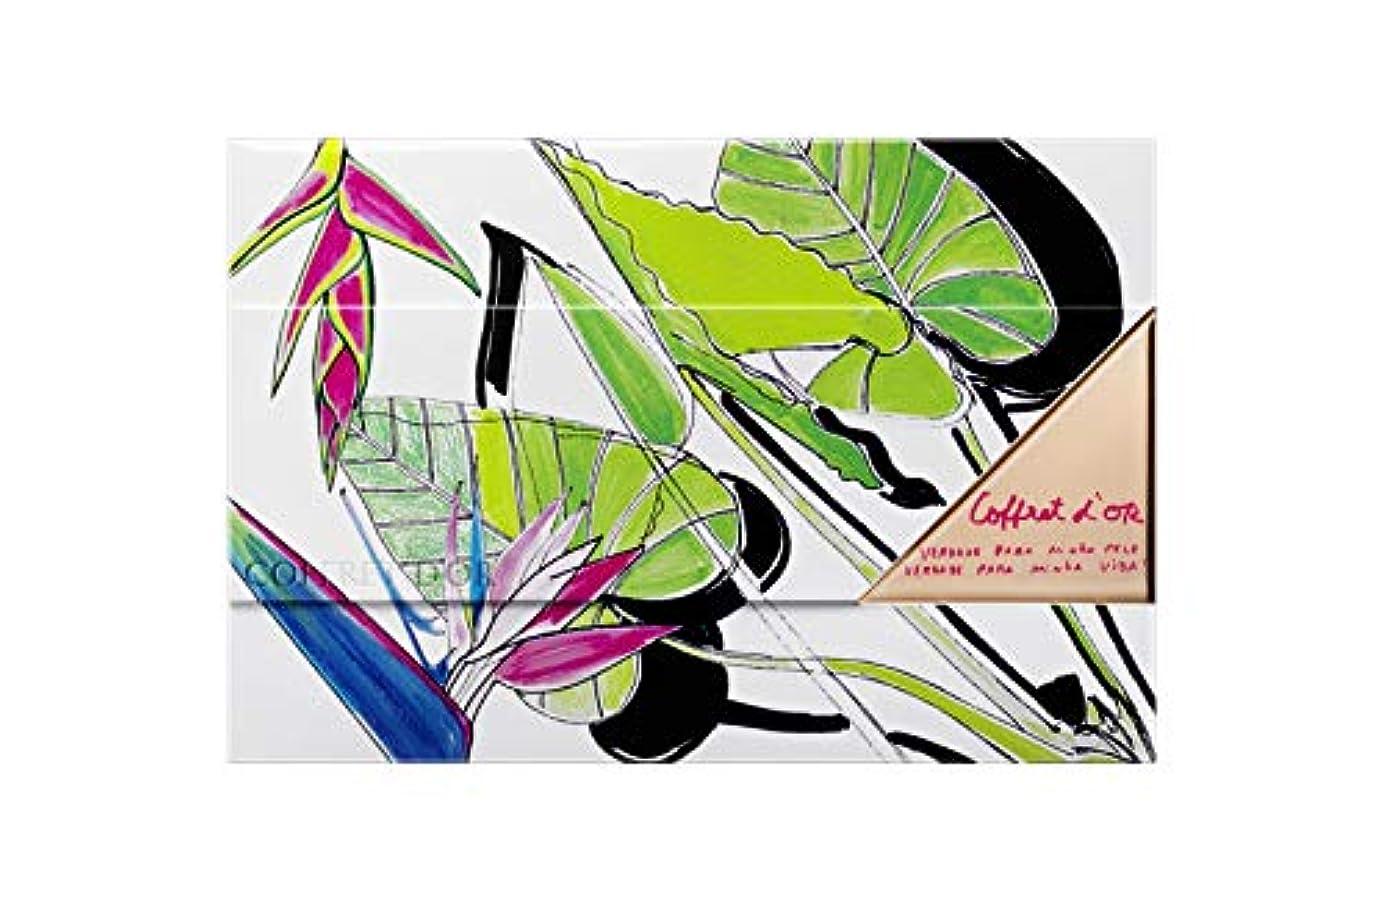 連結する重要な傘コフレドール ヌーディカバー ロングキープパクトUV リミテッドセットf オークル-B PLAYED DESIGN 【LIKE NATURE】 SPF20 ?PA++ ファンデーション(パクト)